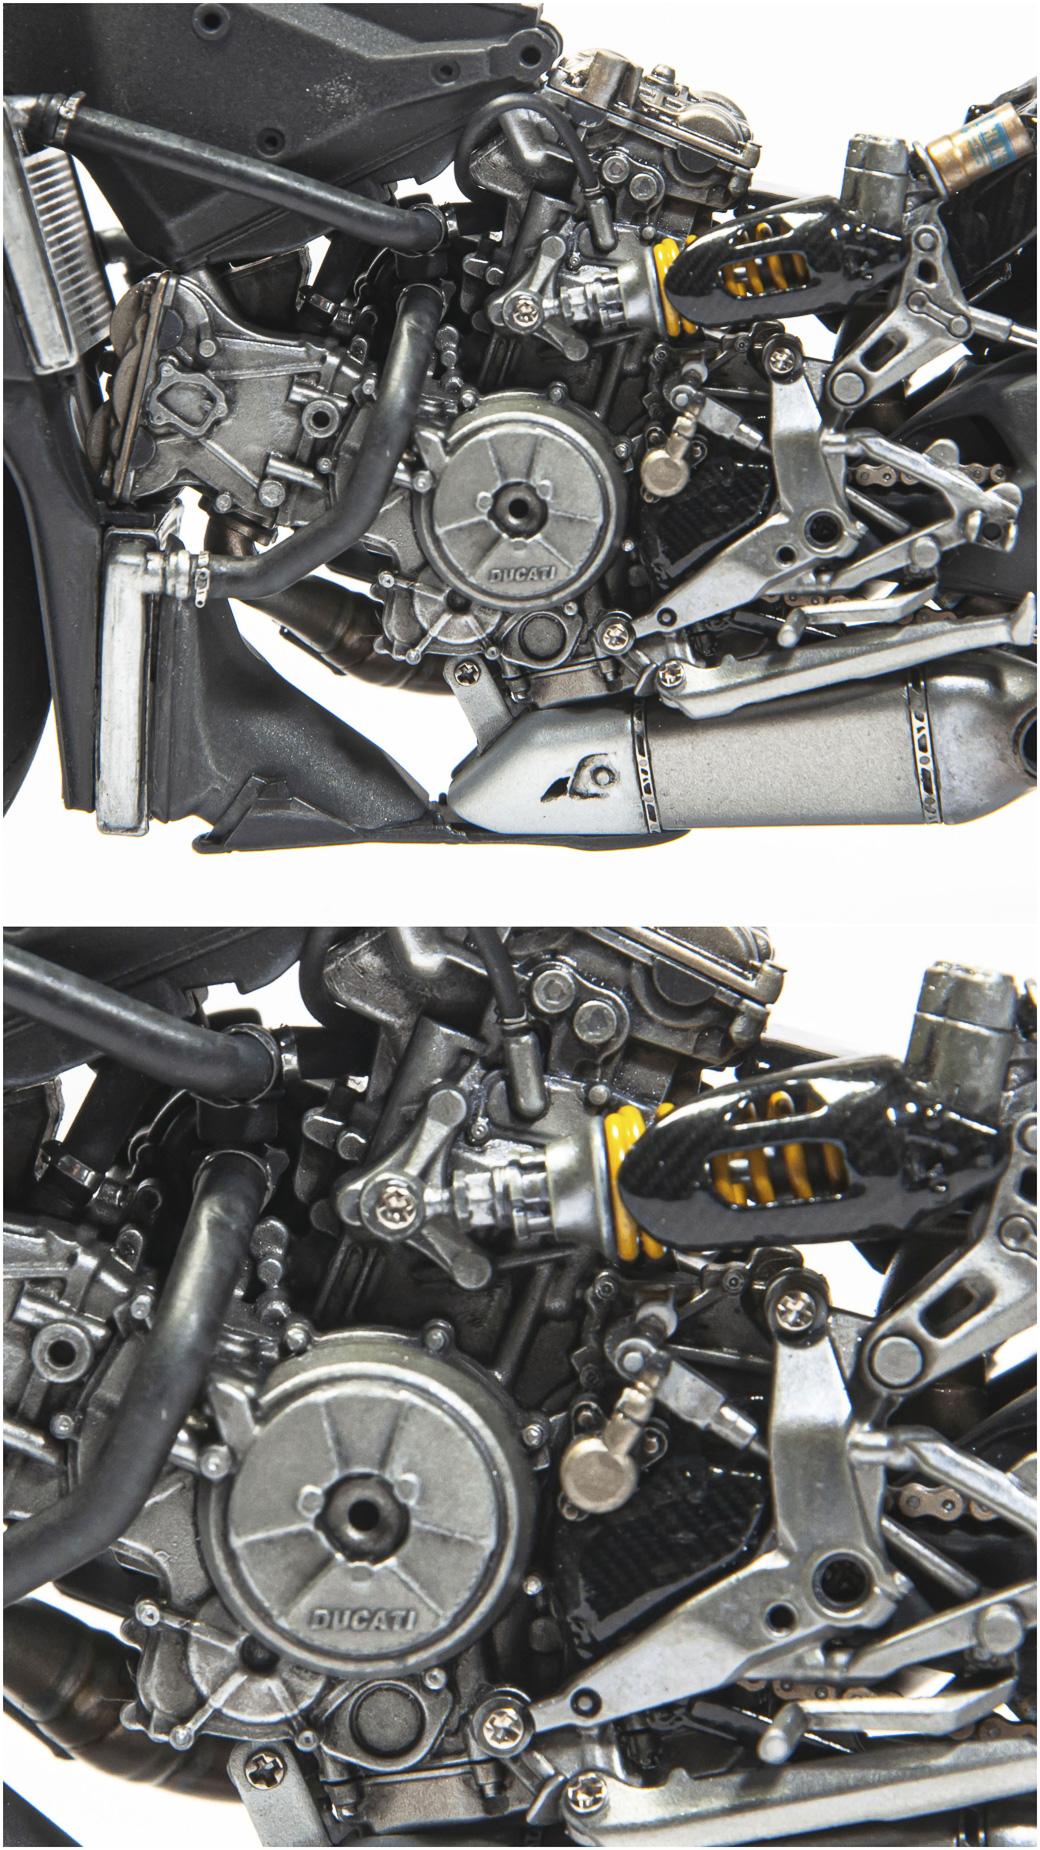 Ducati_14.jpg